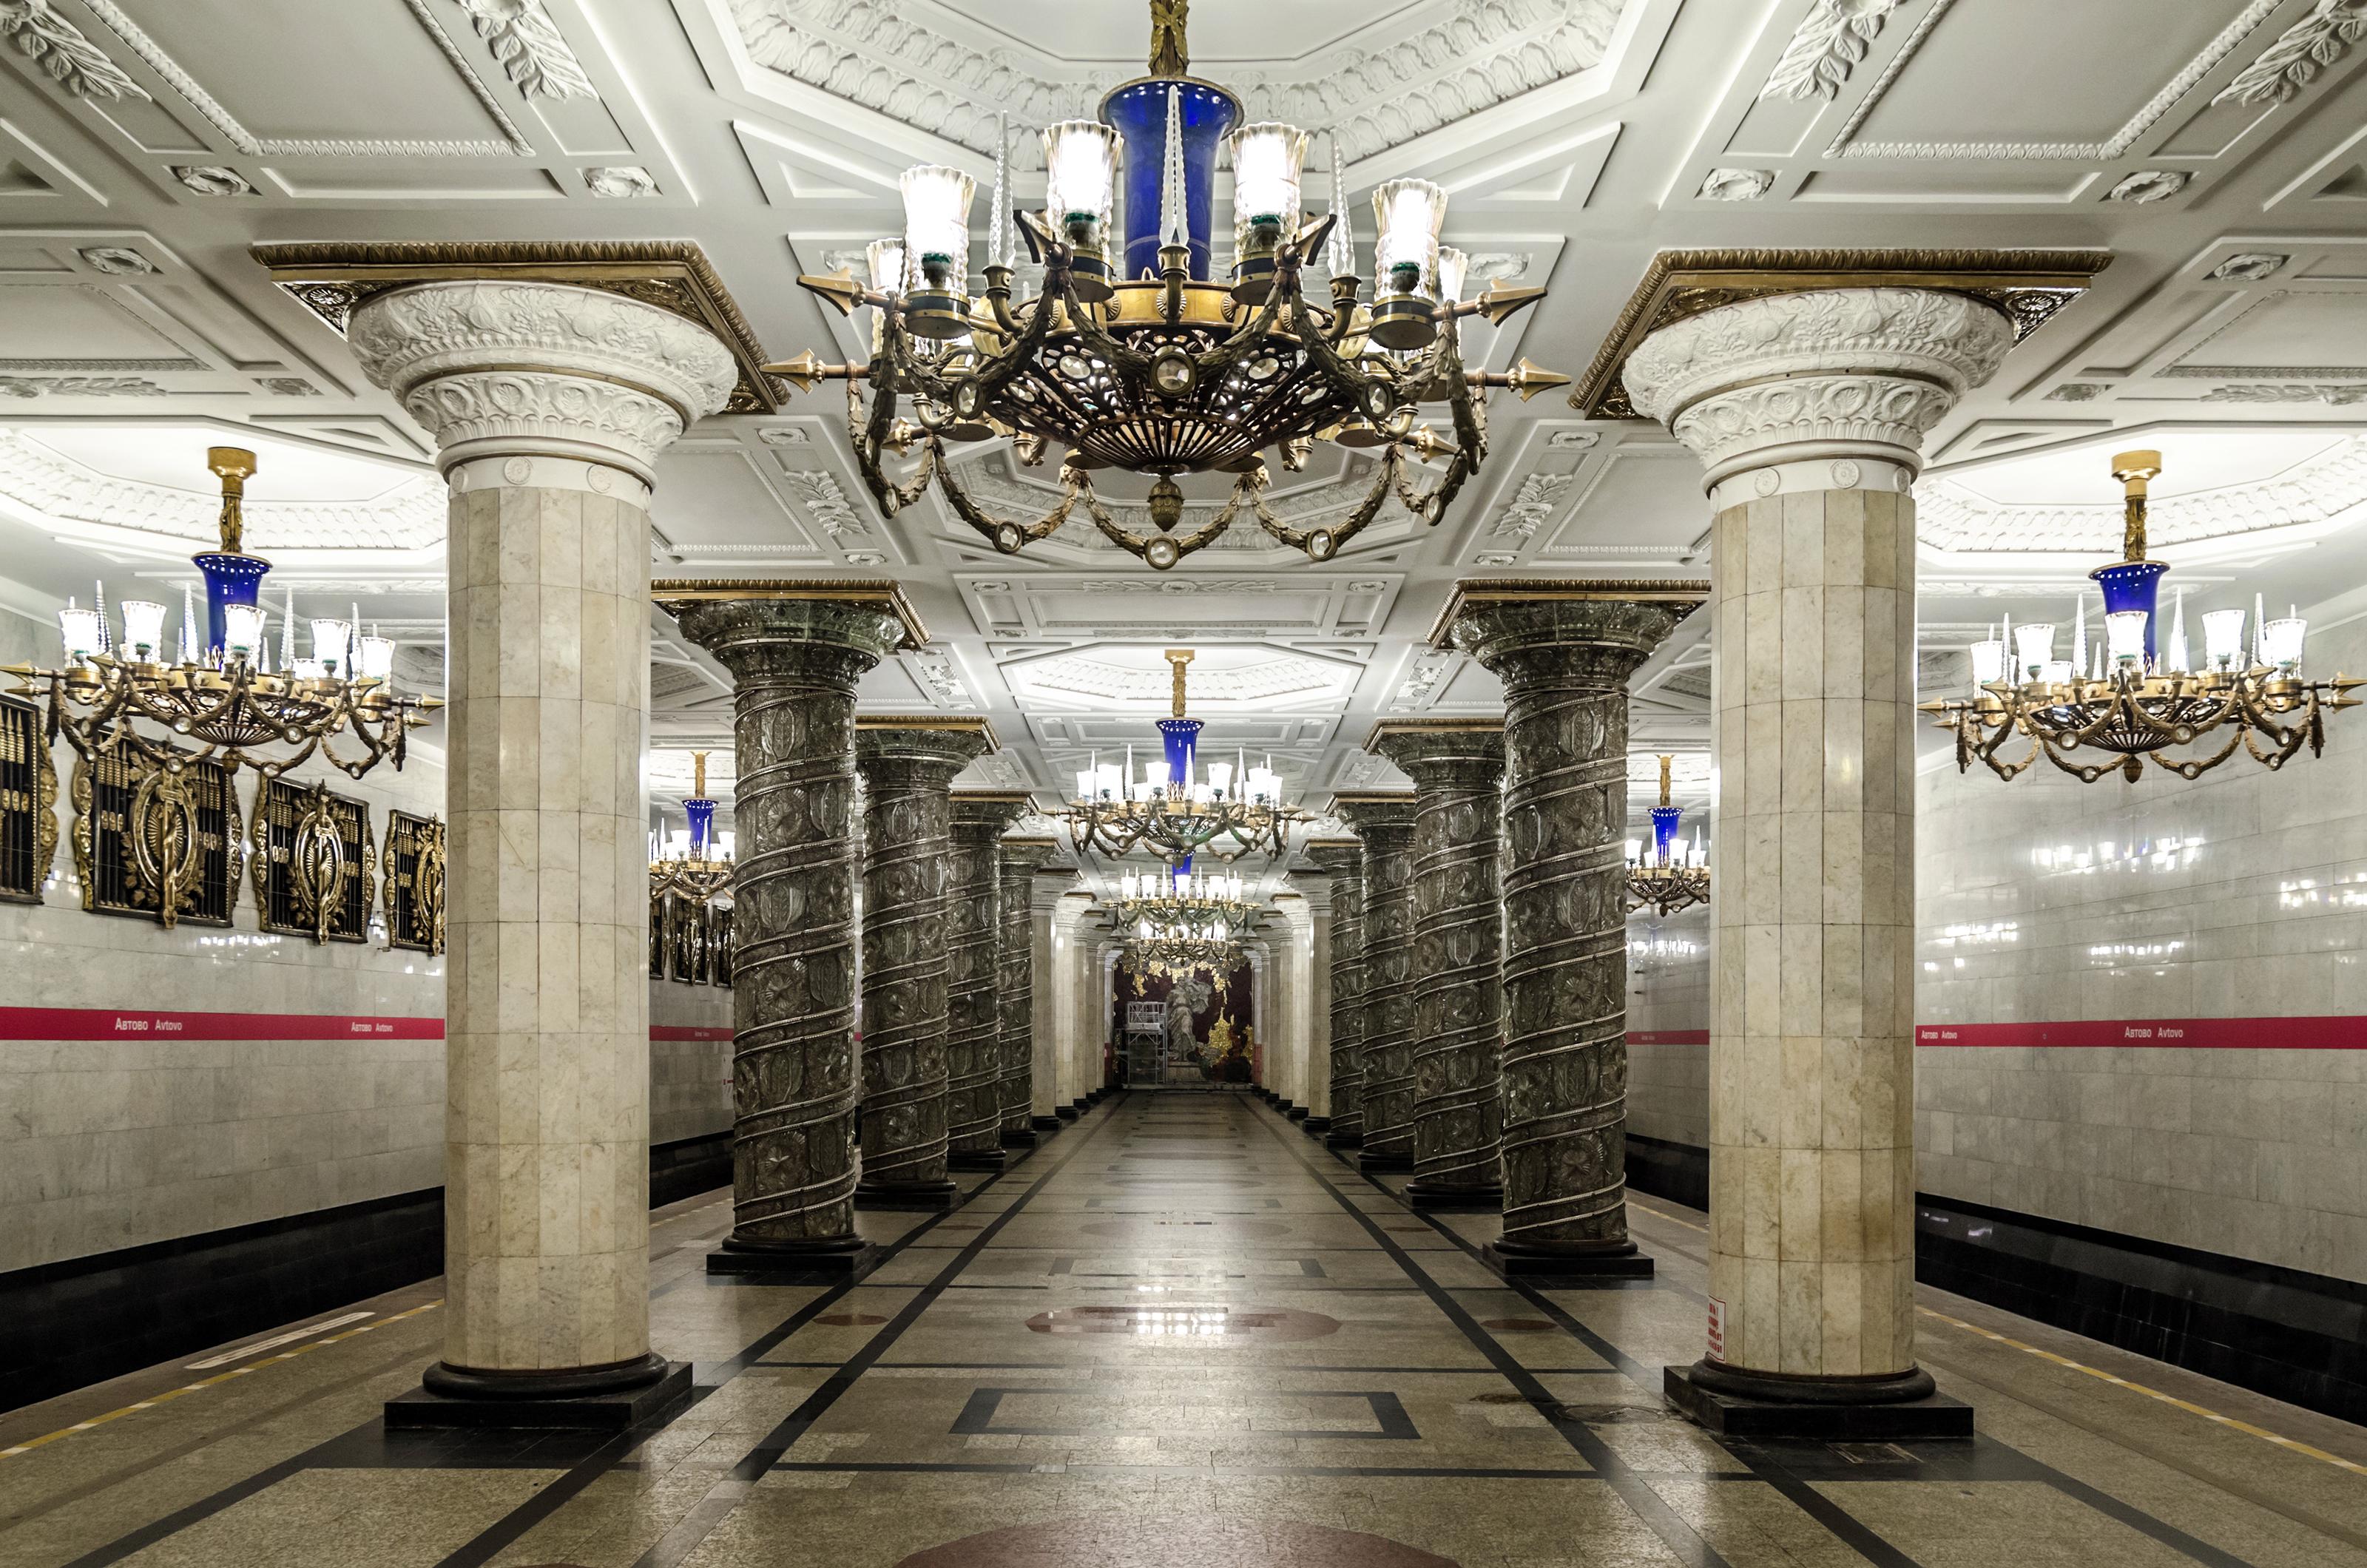 схема линий метро спб 2013